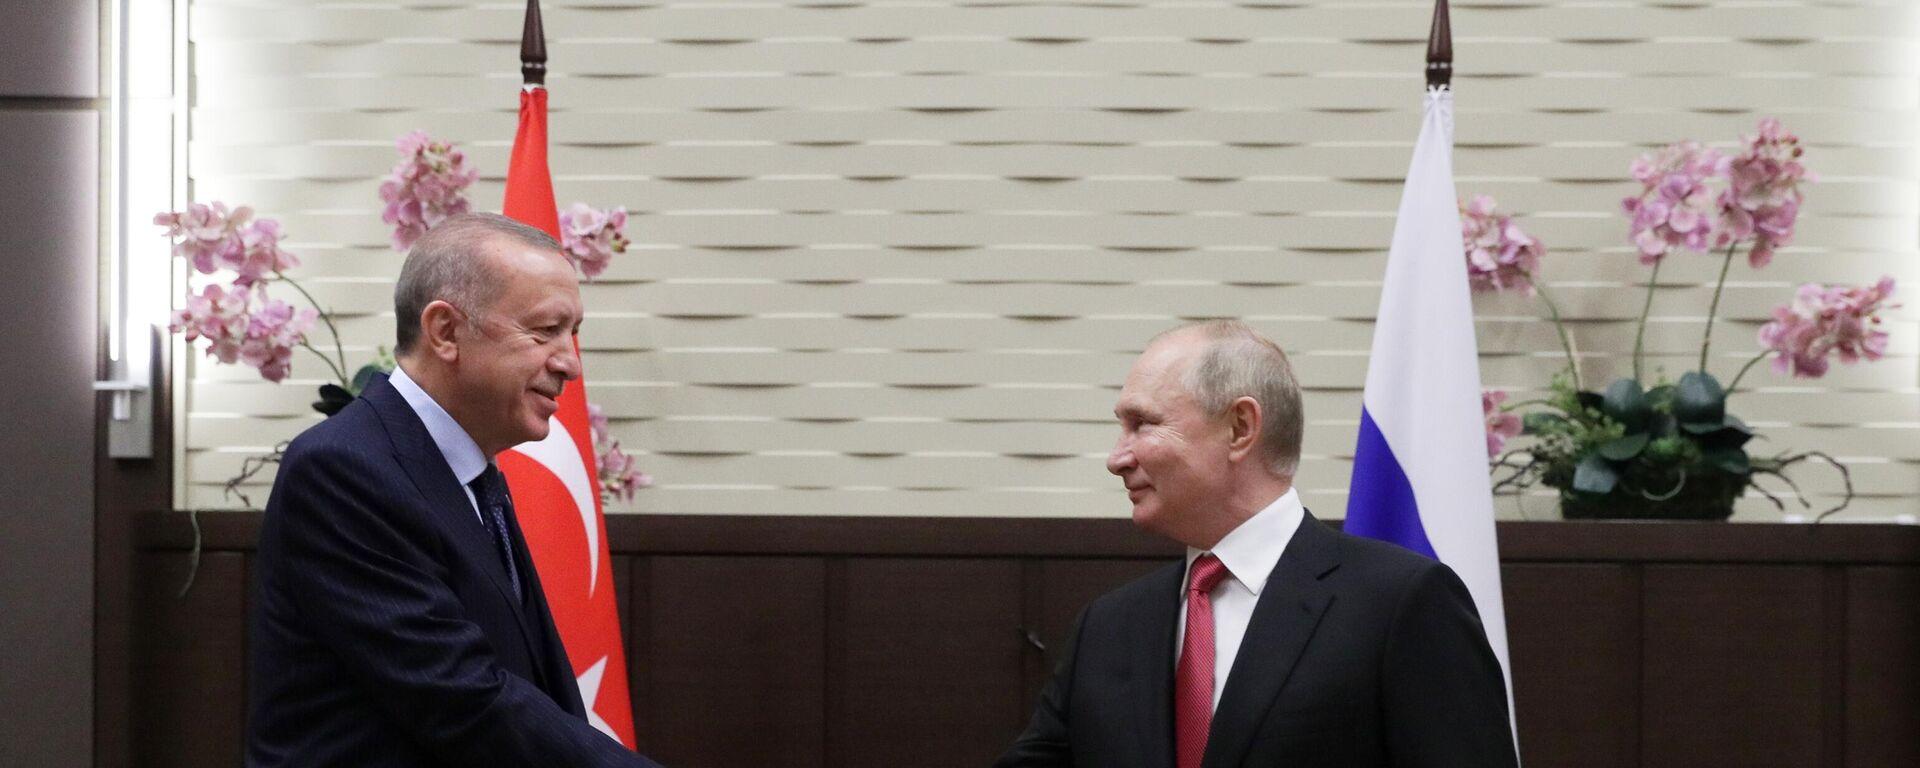 Rusiya prezidenti Vladimir Putin Soçidə Türkiyə prezidenti Rəcəb Tayyib Ərdoğanla görüşü zamanı  - Sputnik Azərbaycan, 1920, 29.09.2021